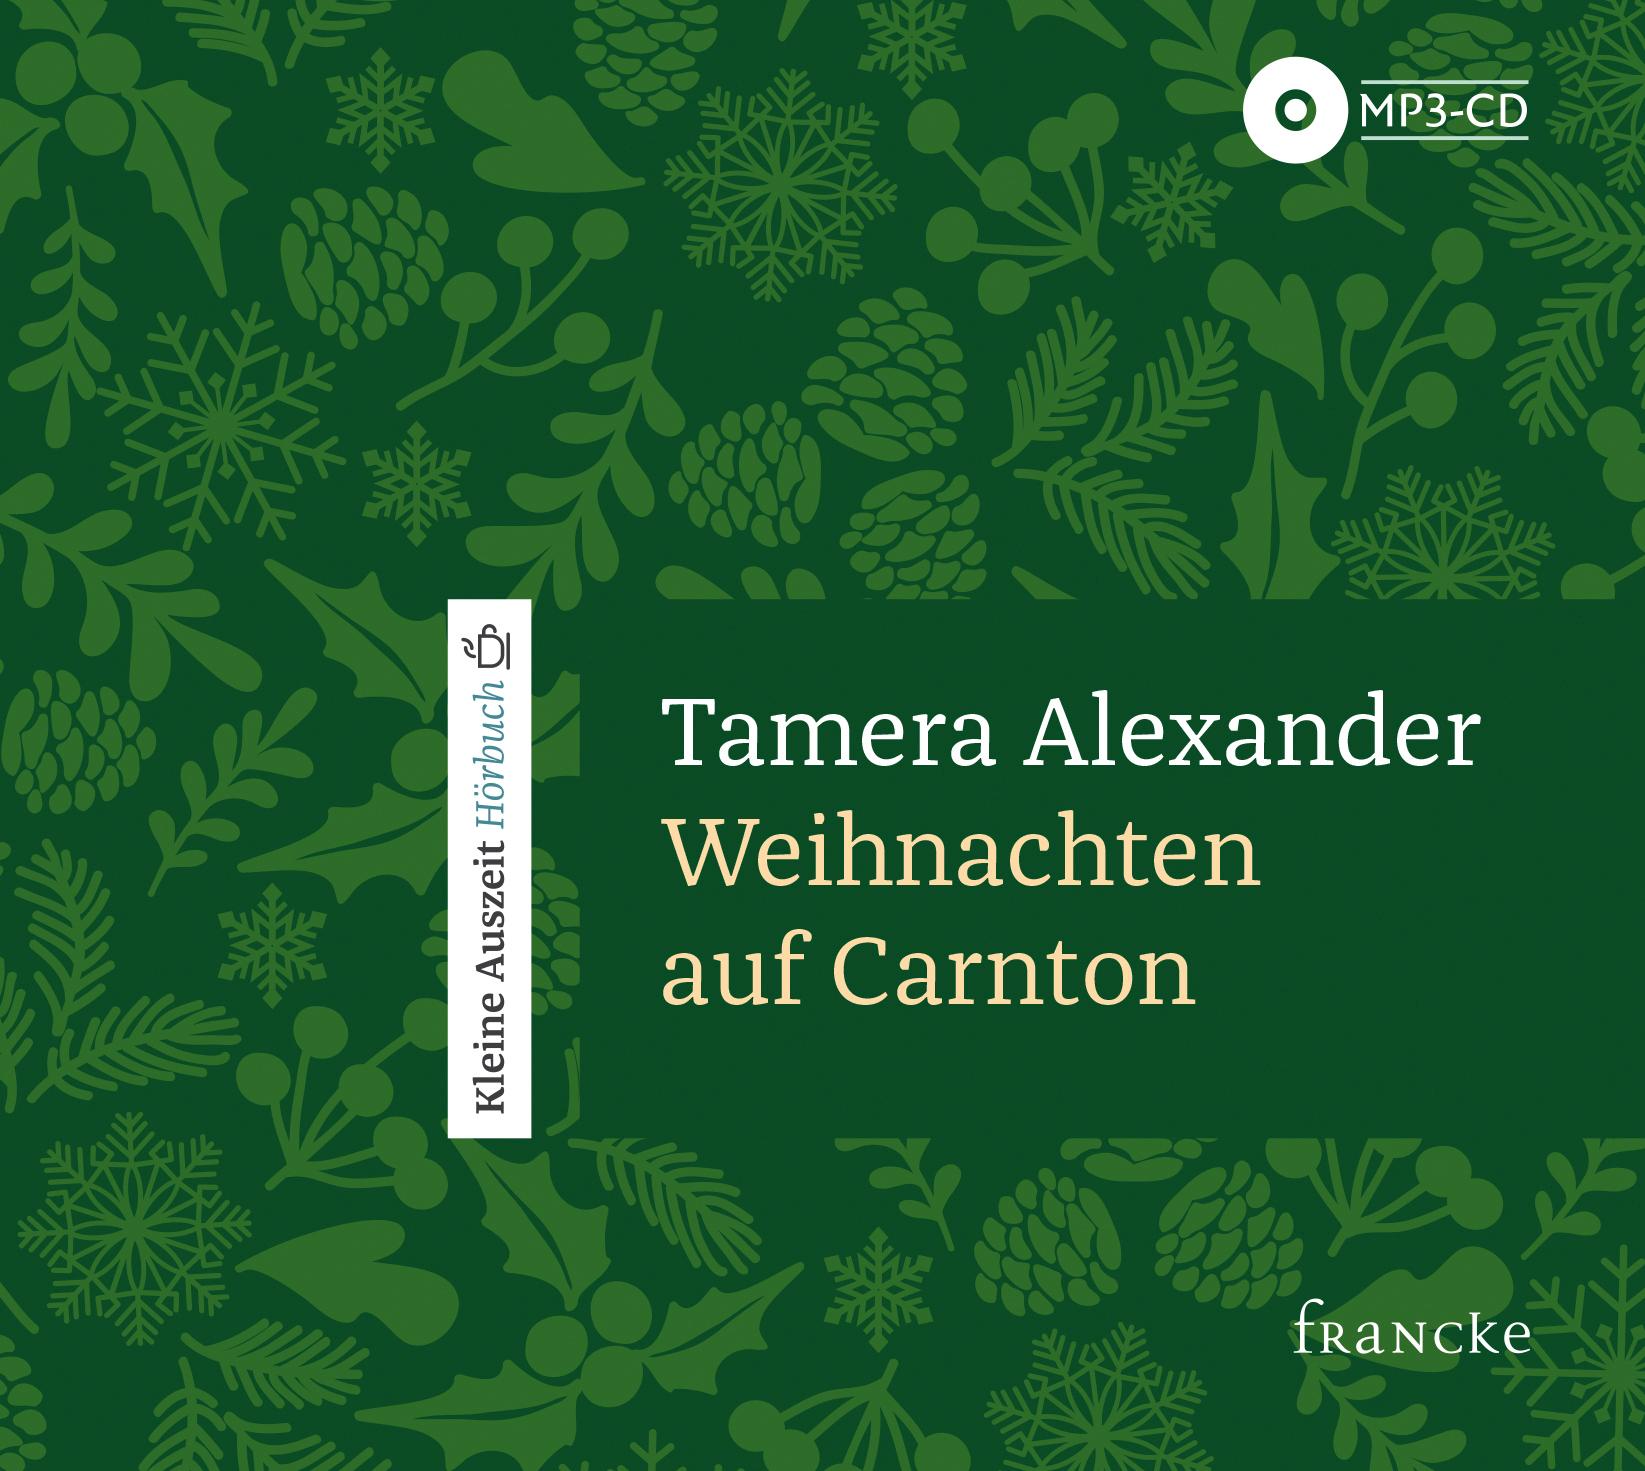 Hörbuch Weihnachten.Francke Weihnachten Auf Carnton Hörbuch Tamera Alexander